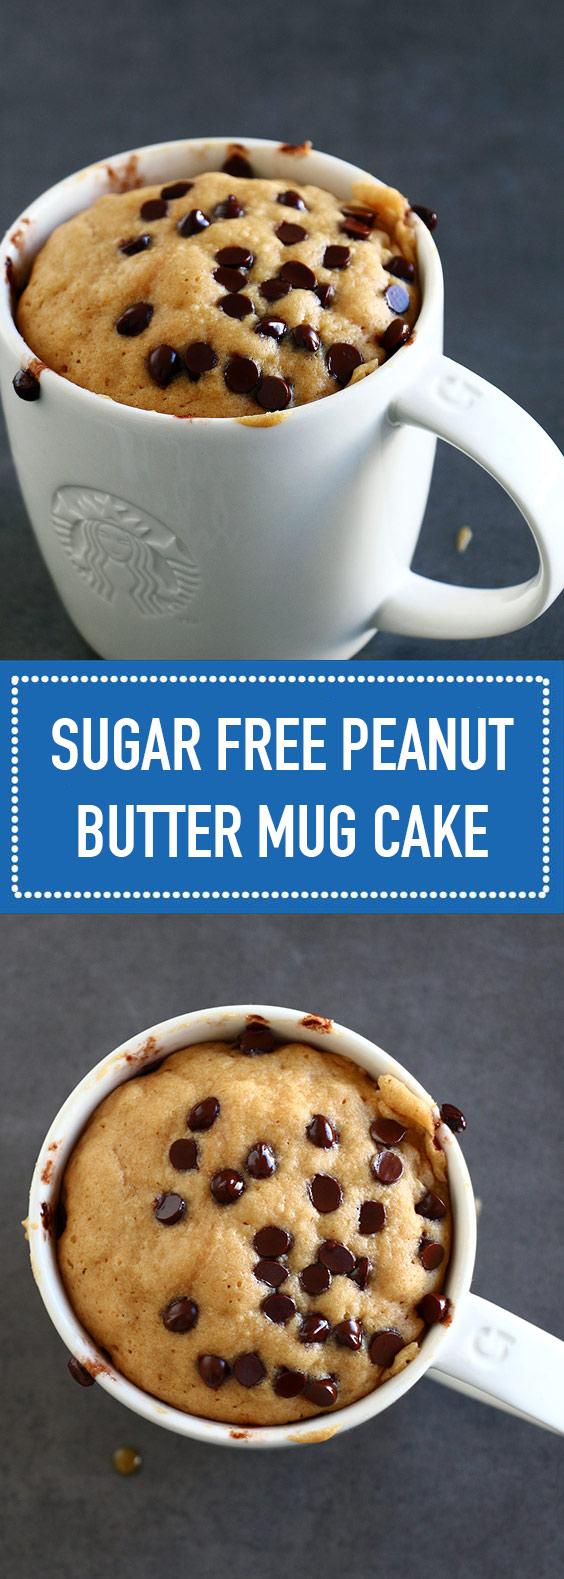 Sugar Free Peanut Butter Mug Cake (Vegan + Gluten Free)